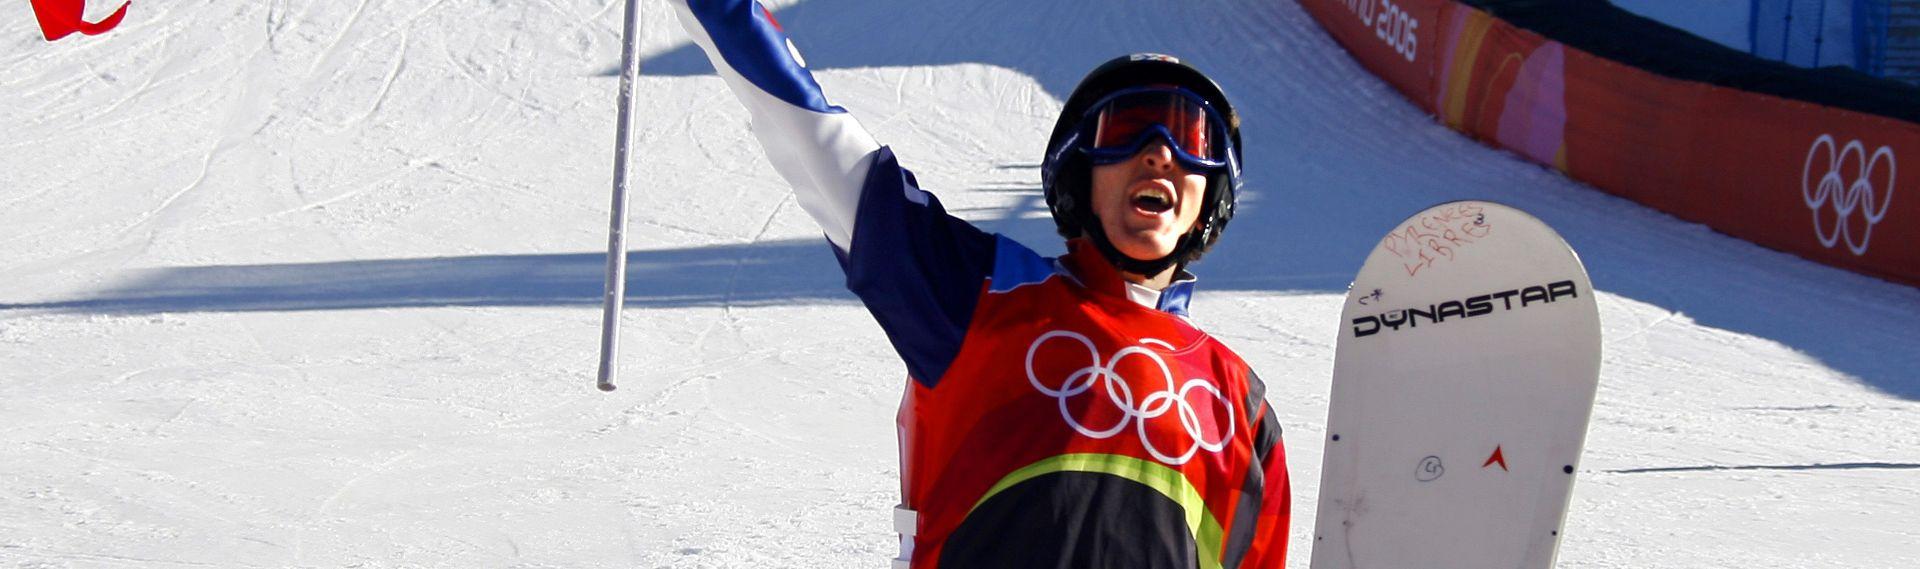 Paul-Henri-d-Médaillé Olympique à Turin en 2006-6